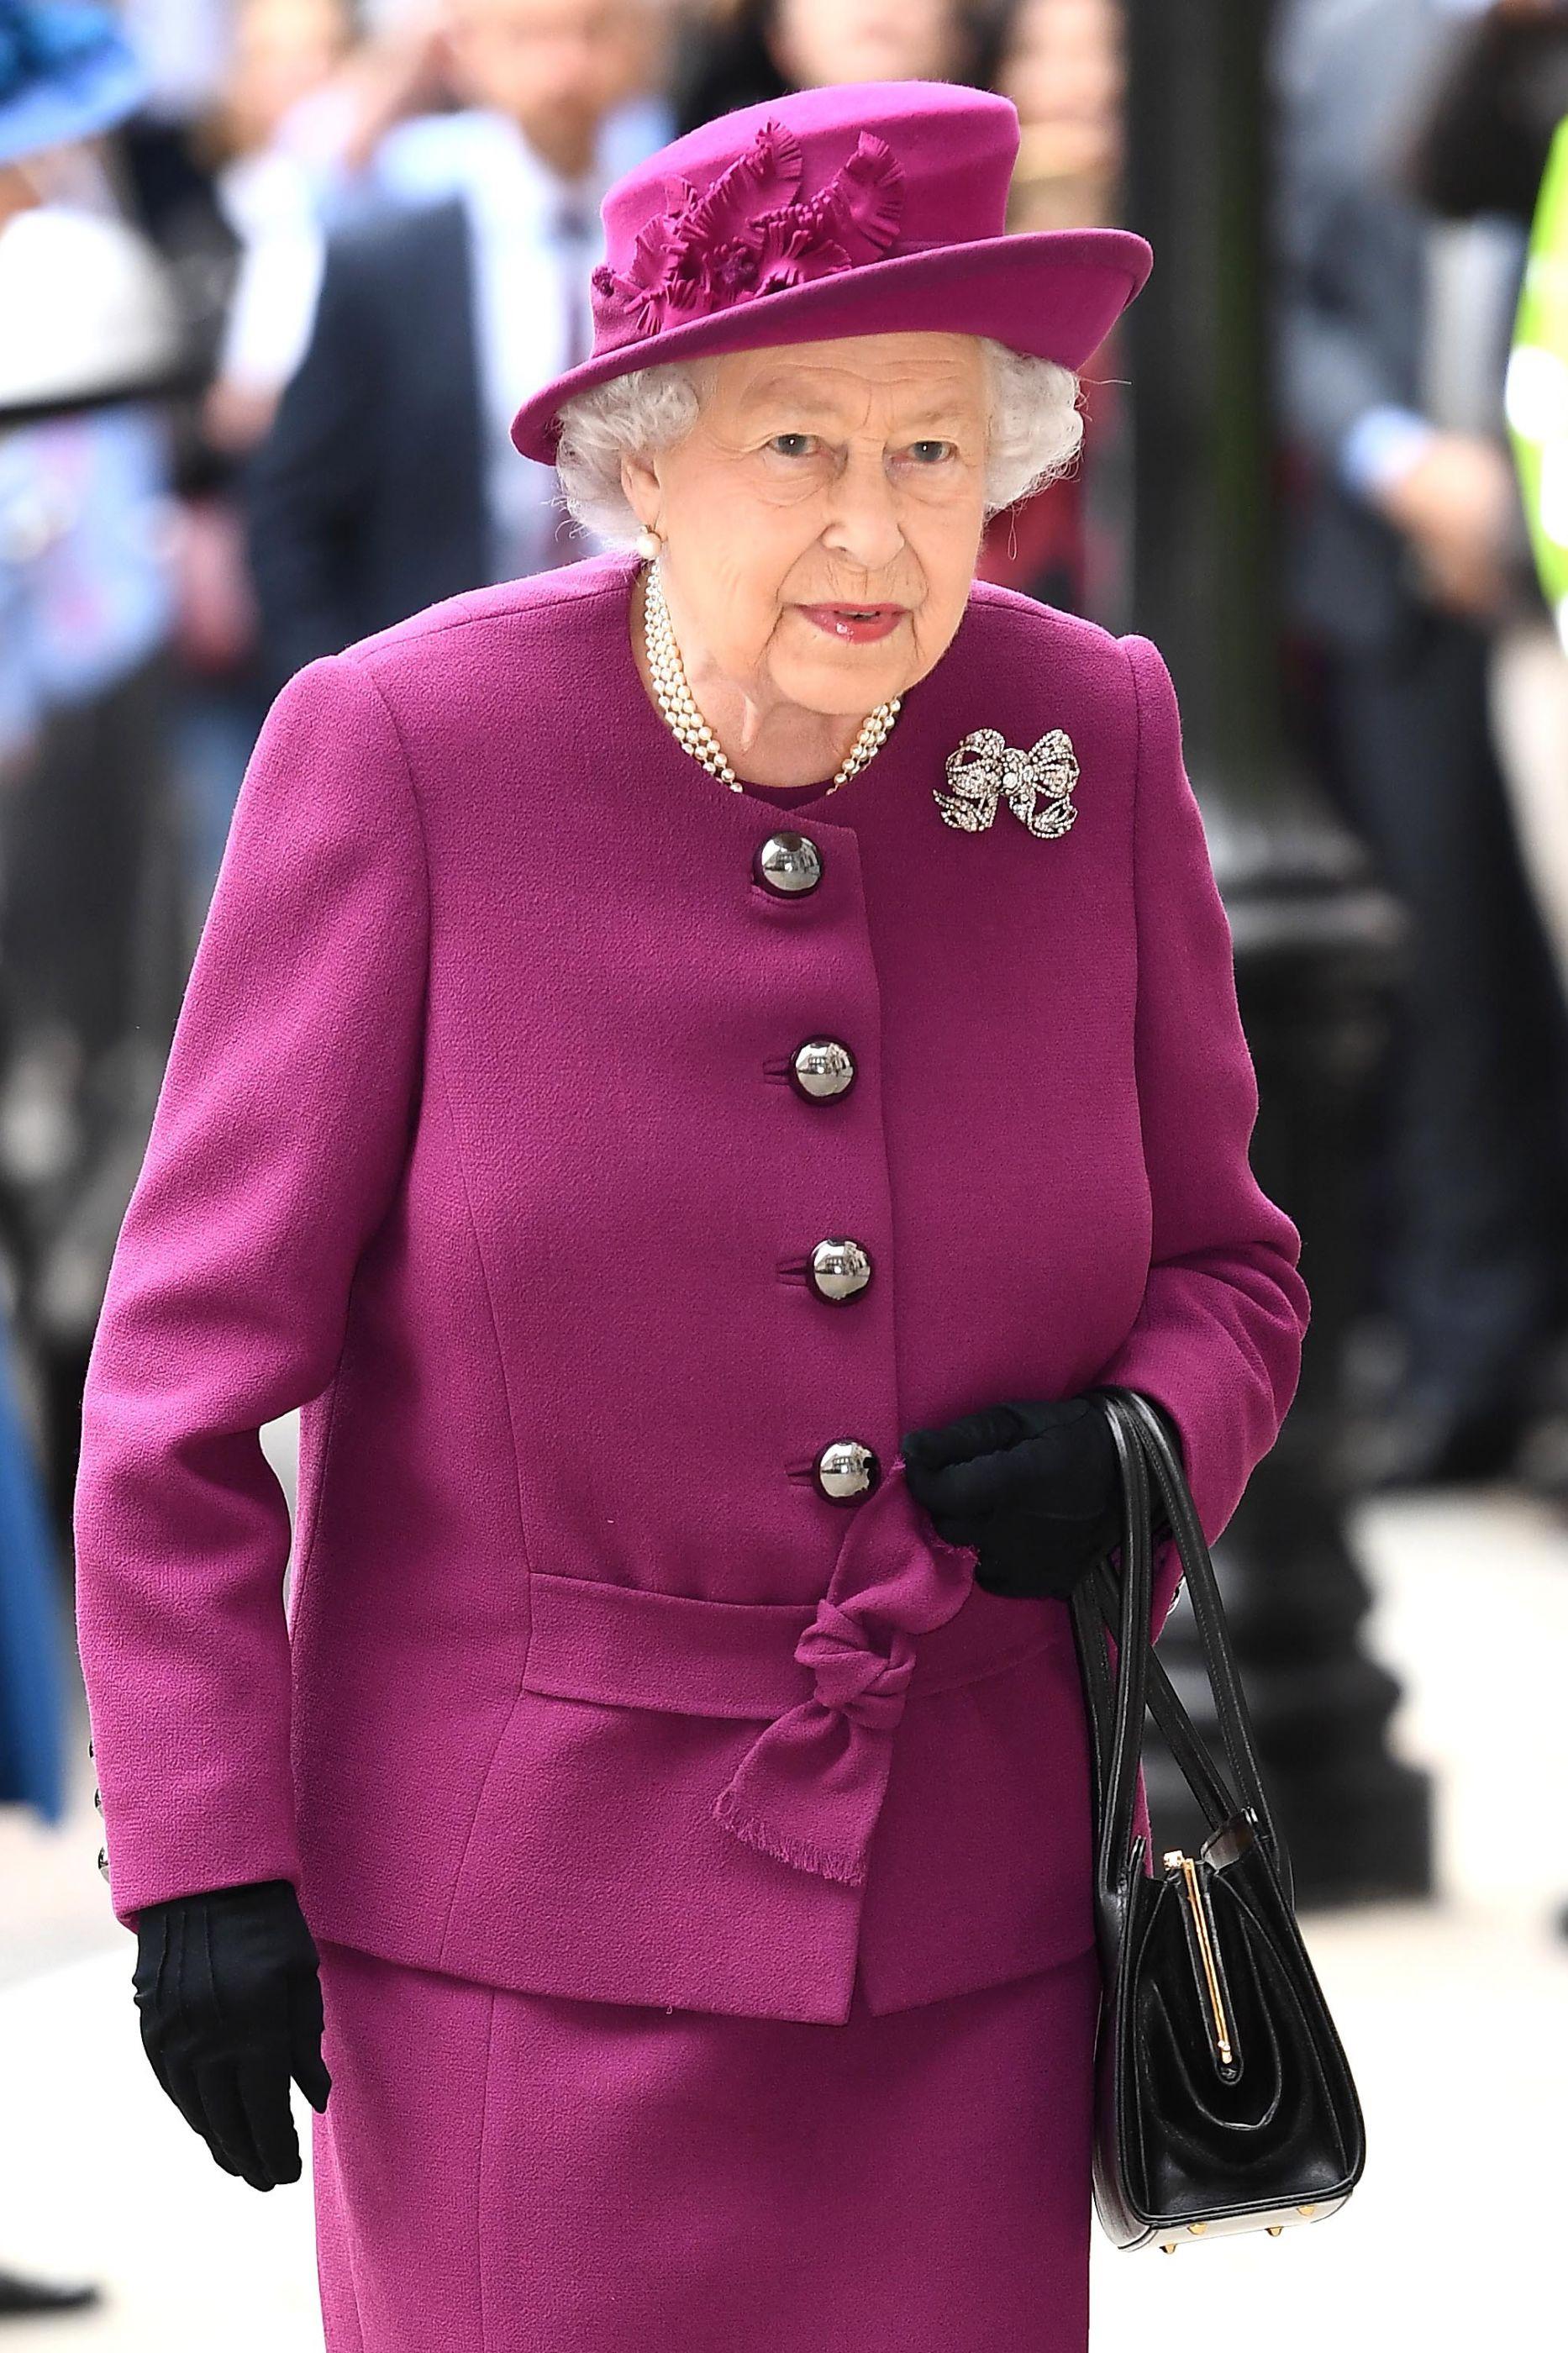 Ups! Rainha Isabel II mostra sem querer foto única dos netos